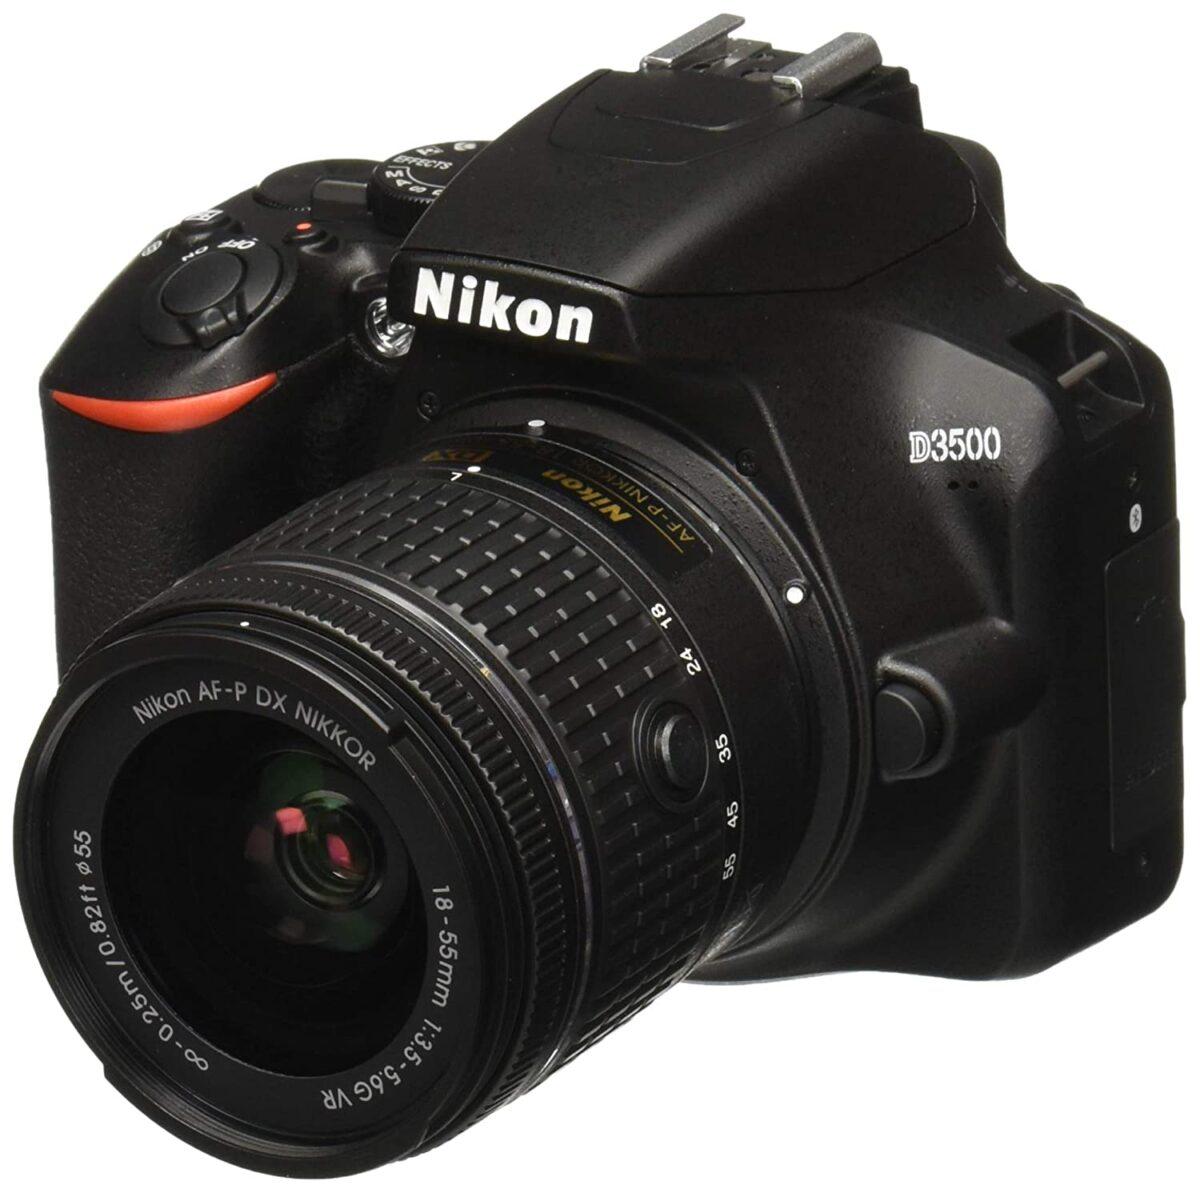 قیمت و خرید دوربین دیجیتال نیکون مدل D3500 به همراه لنز ۱۸-۵۵ میلی متر VR AF-P